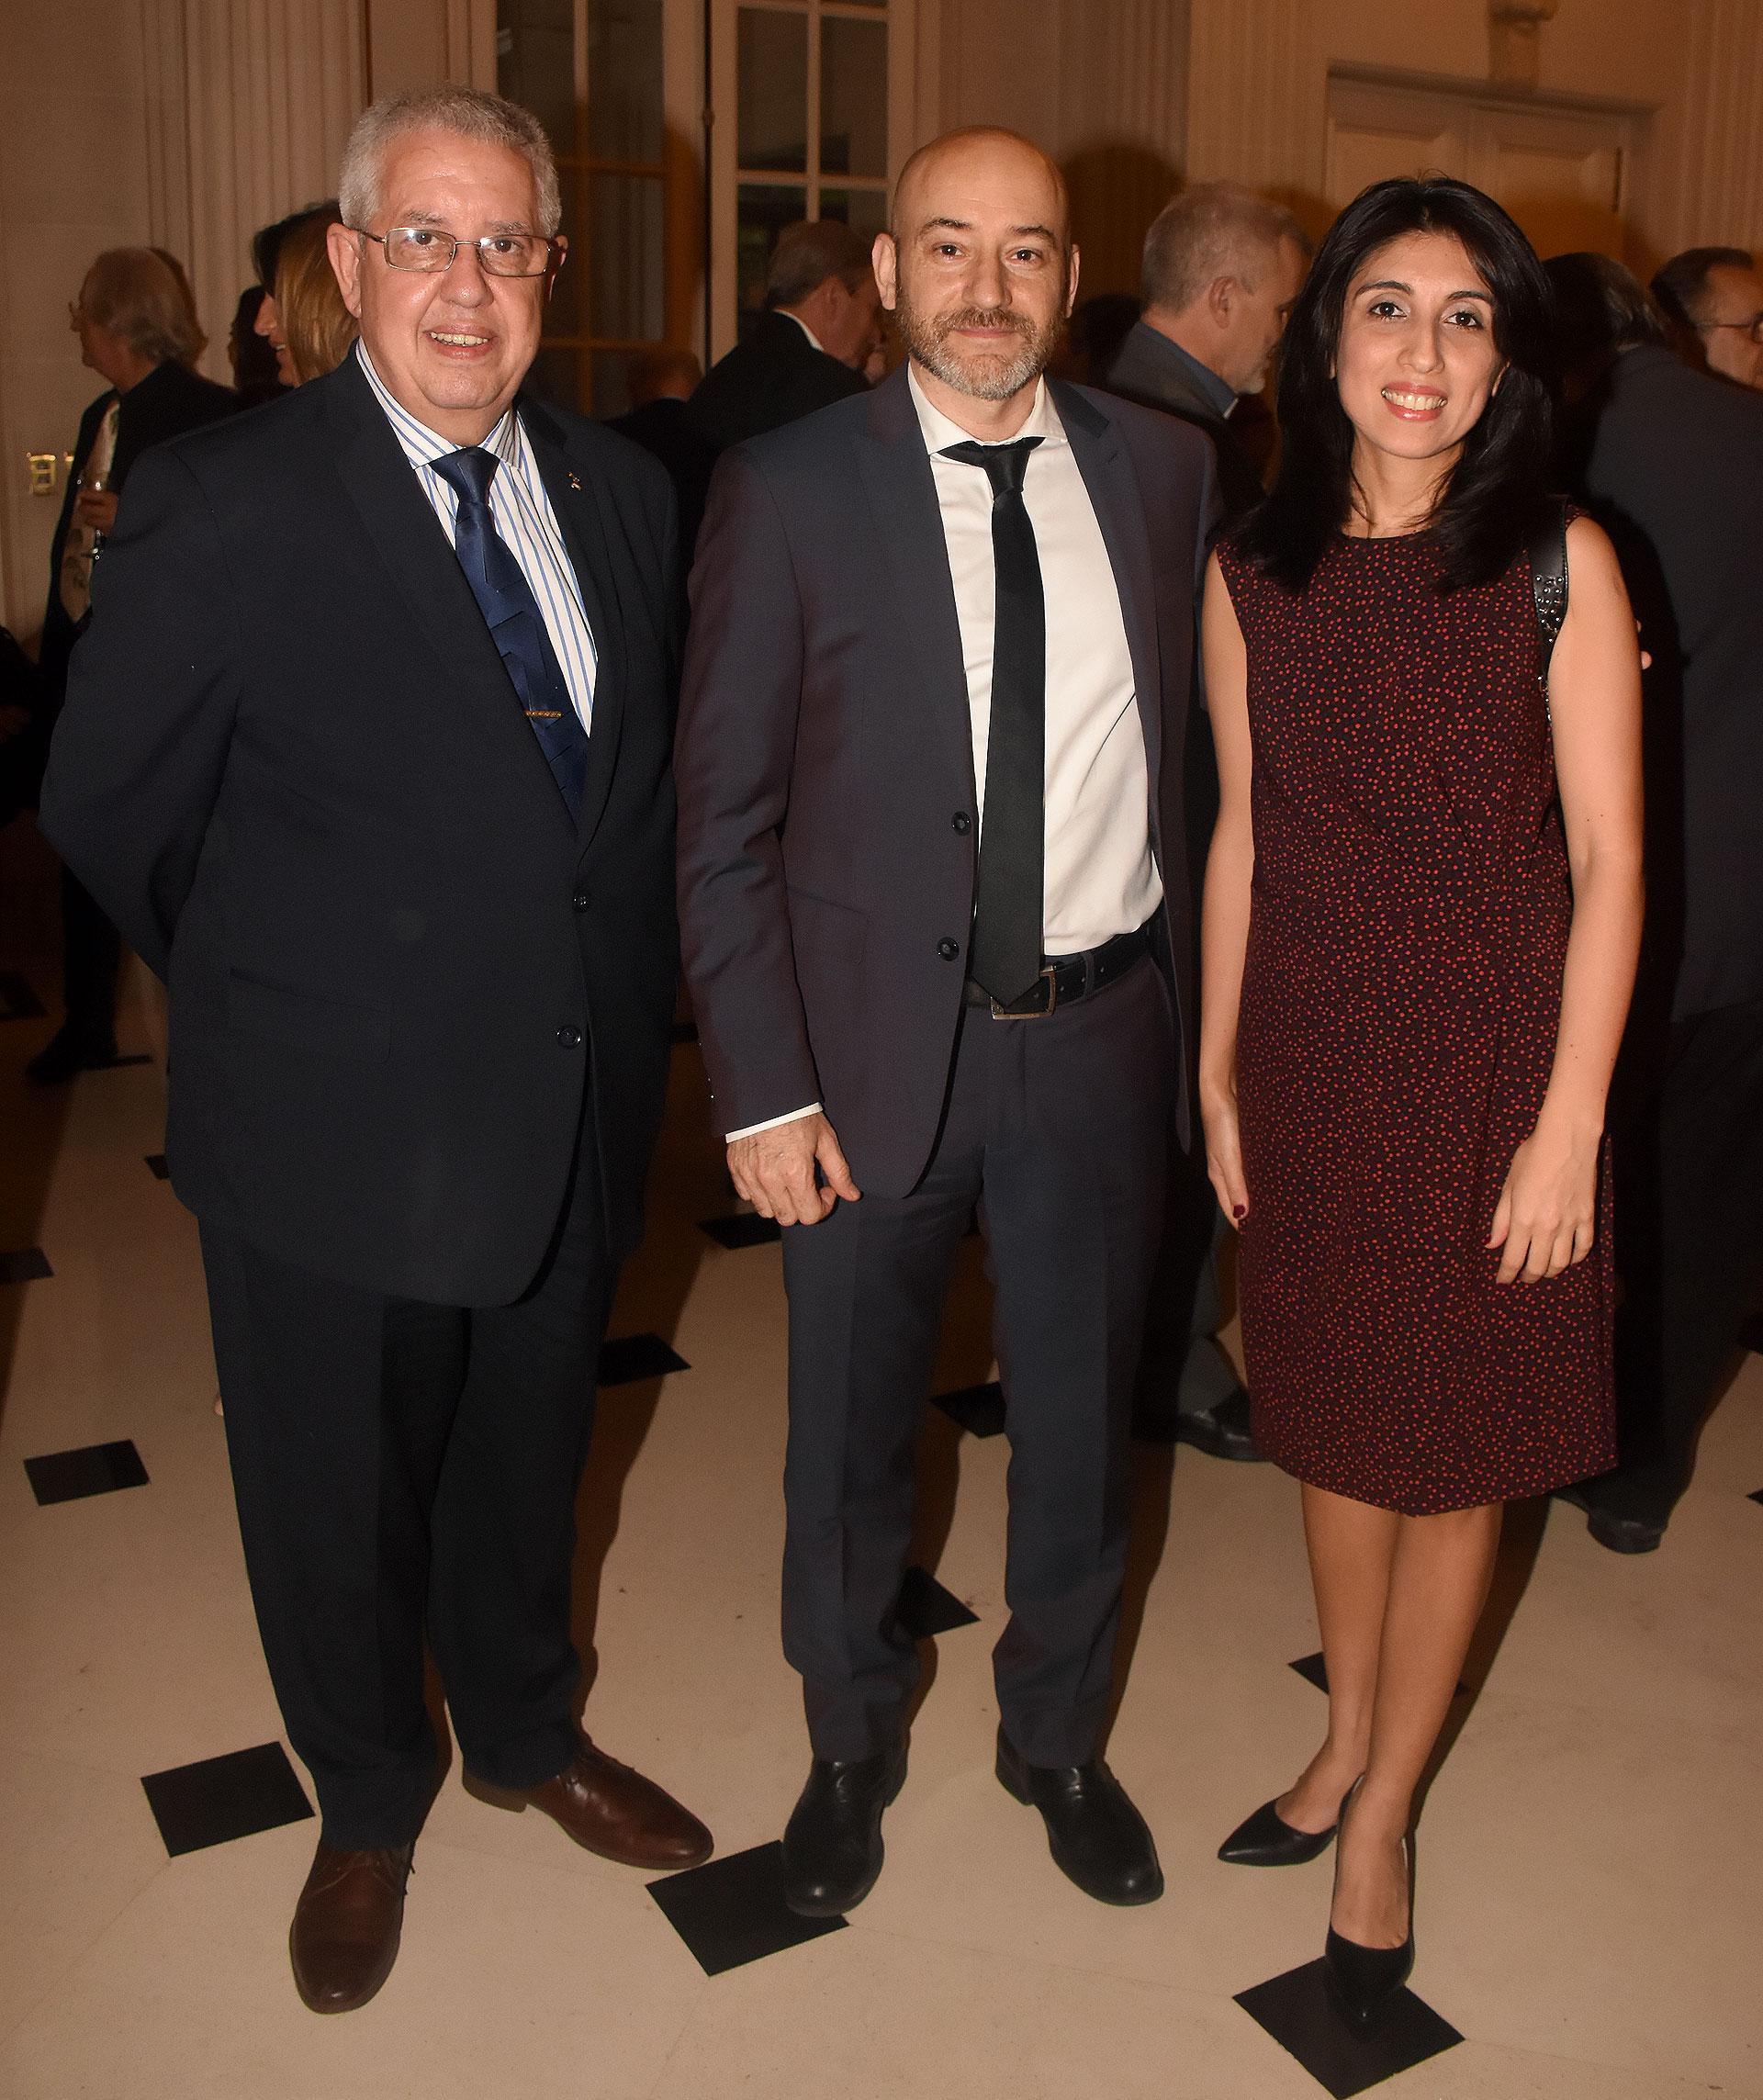 Hector Tito Garabal, Juan Manuel Beati, Director General de Música del Gobierno y de la Ciudad de Buenos Aires, y la periodista y escritora Cintia Daniela Suárez